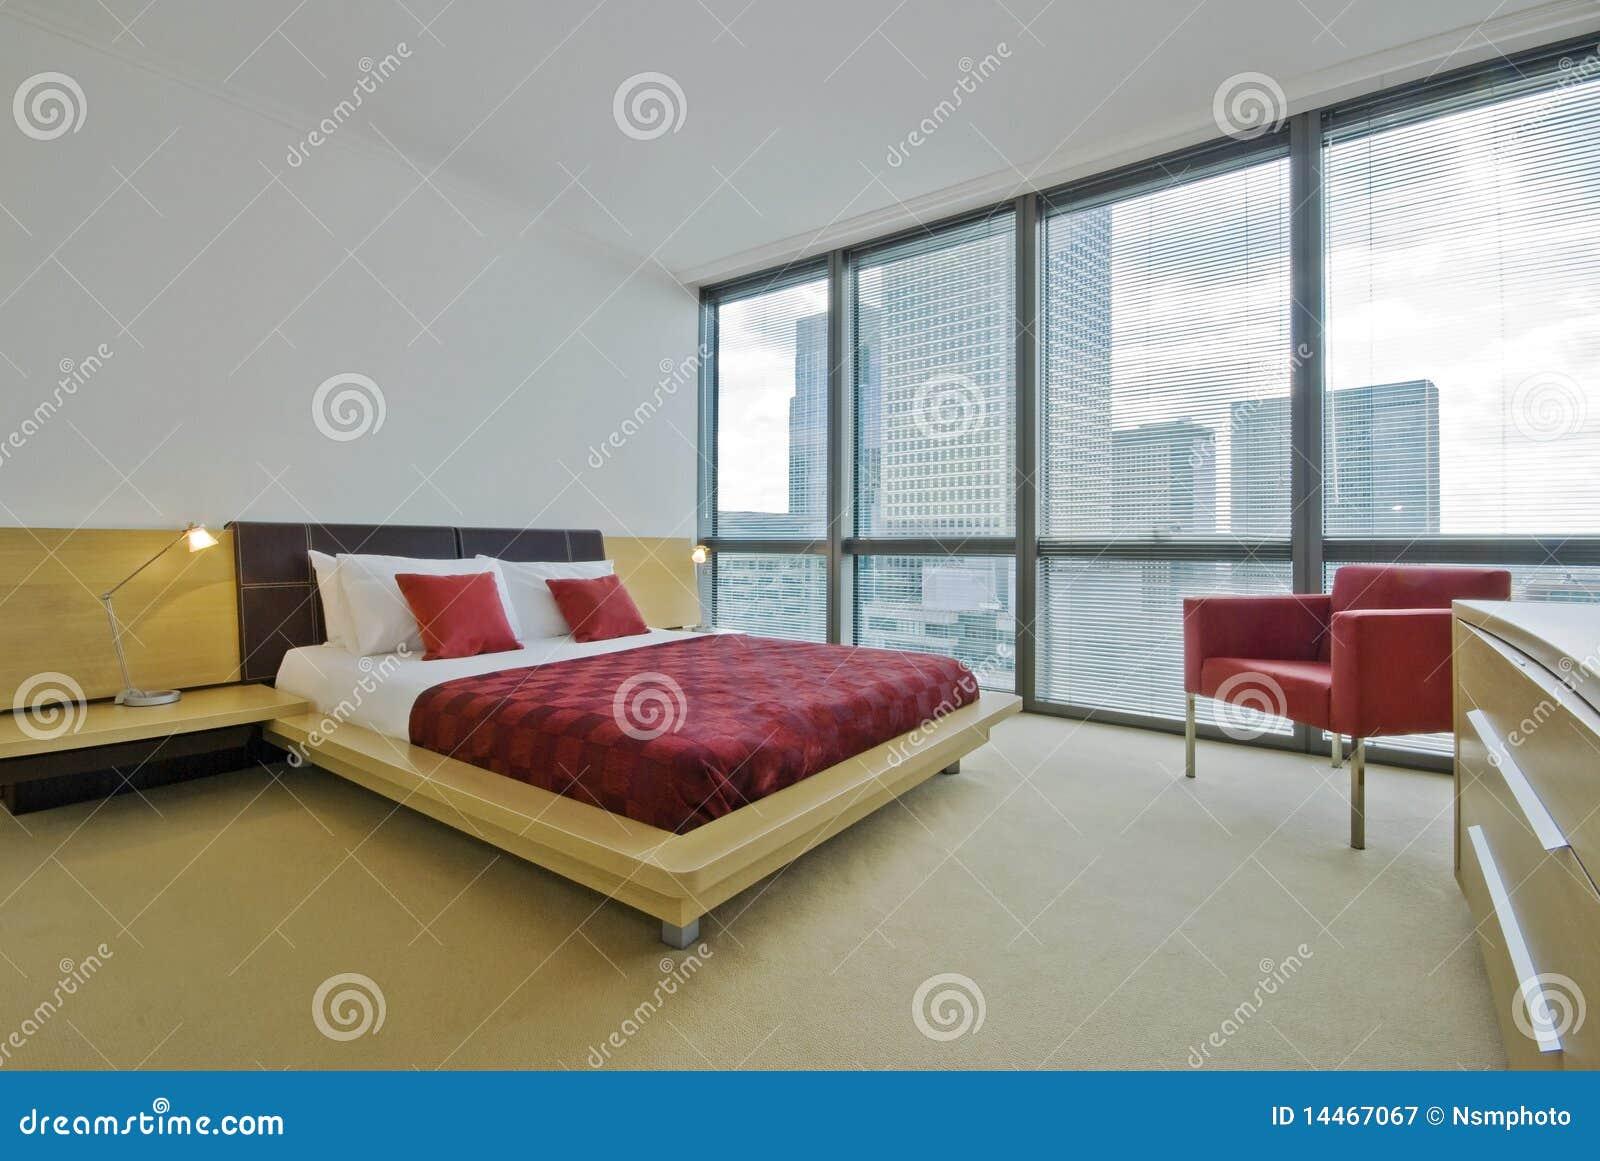 Double chambre coucher moderne de luxe photographie for Les chambres a coucher moderne